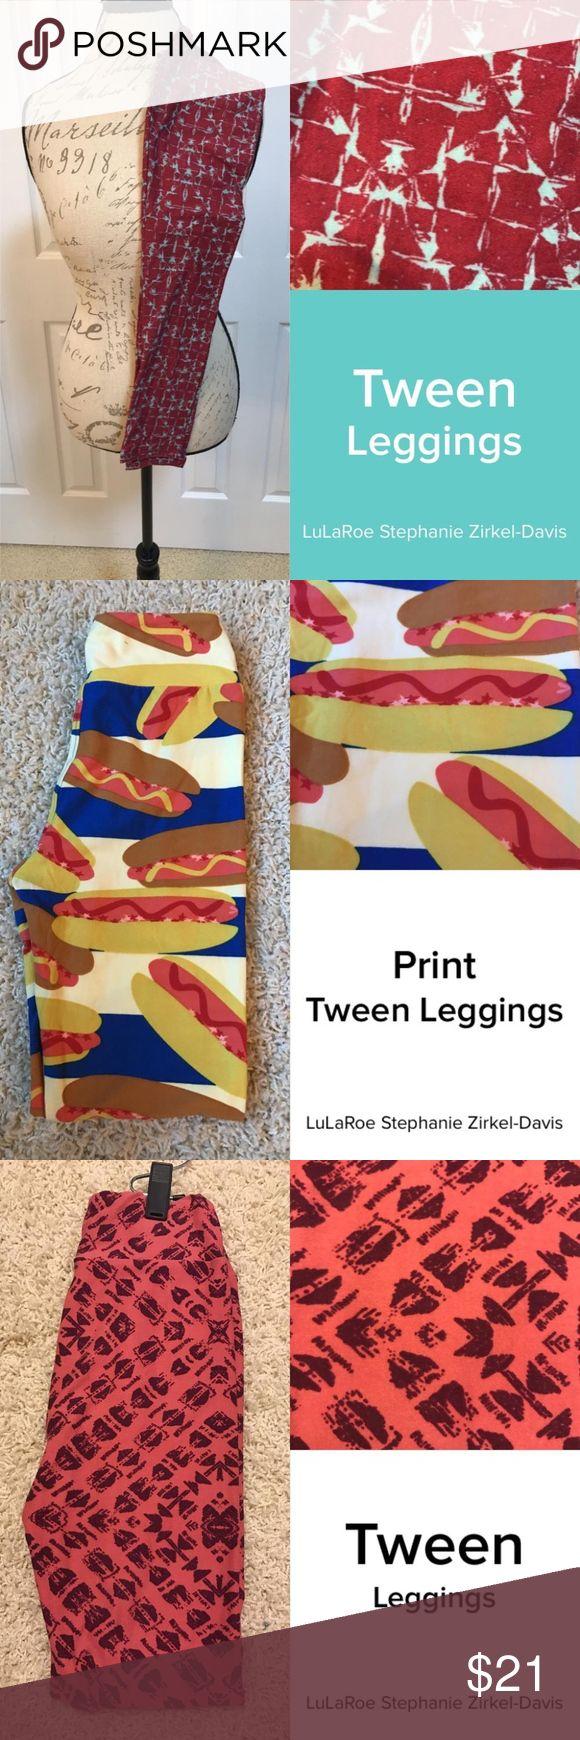 LuLaRoe Tween Legging LuLaRoe Tween Leggings LuLaRoe Pants Leggings